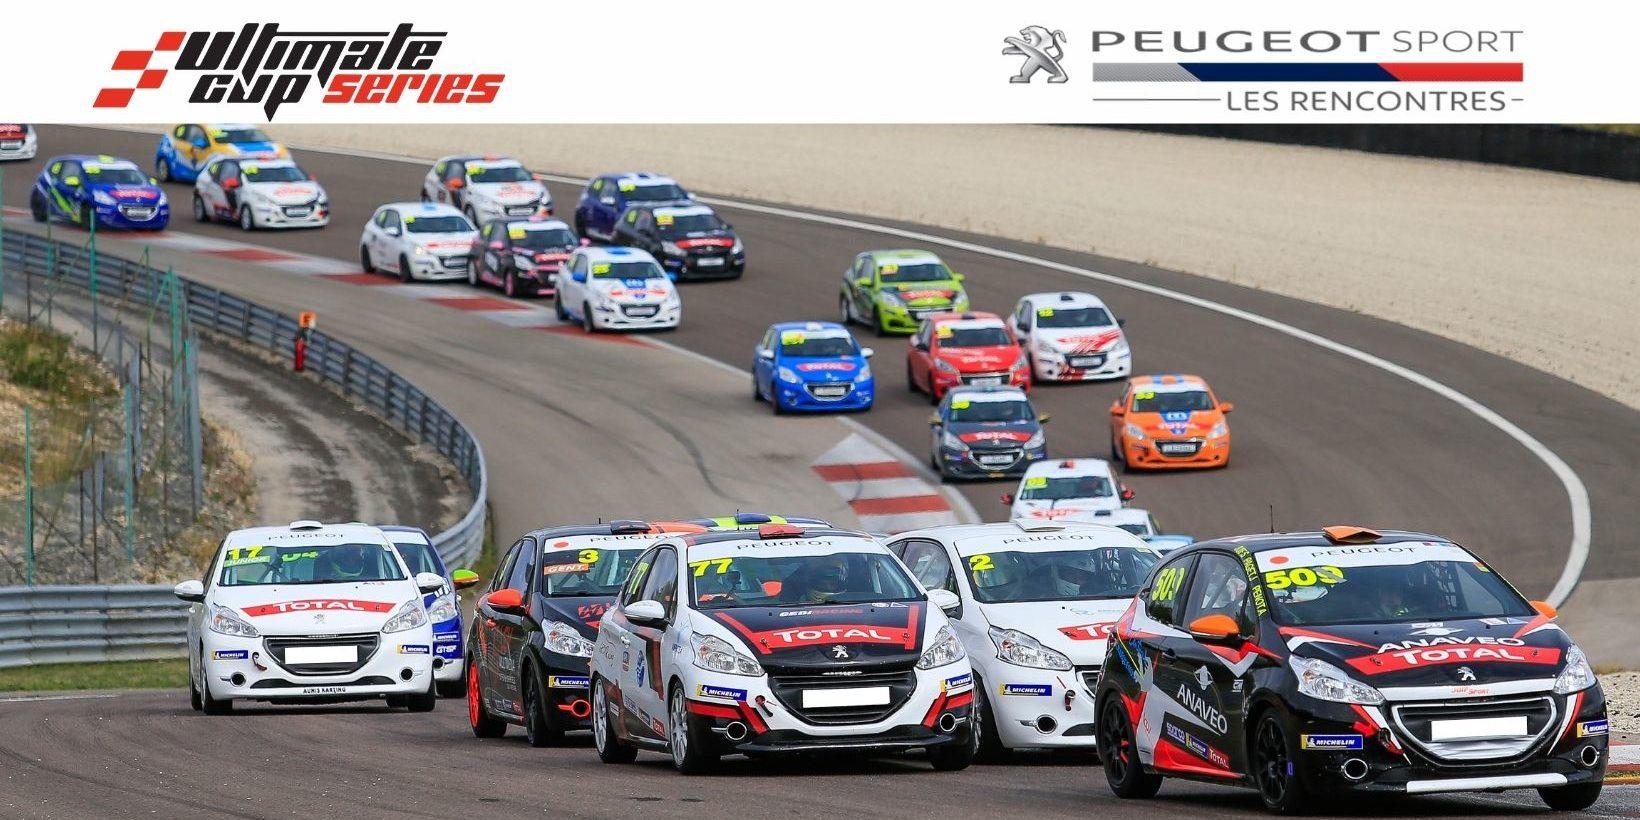 Ultimate Cup Series au Paul Ricard – Huis-clos !